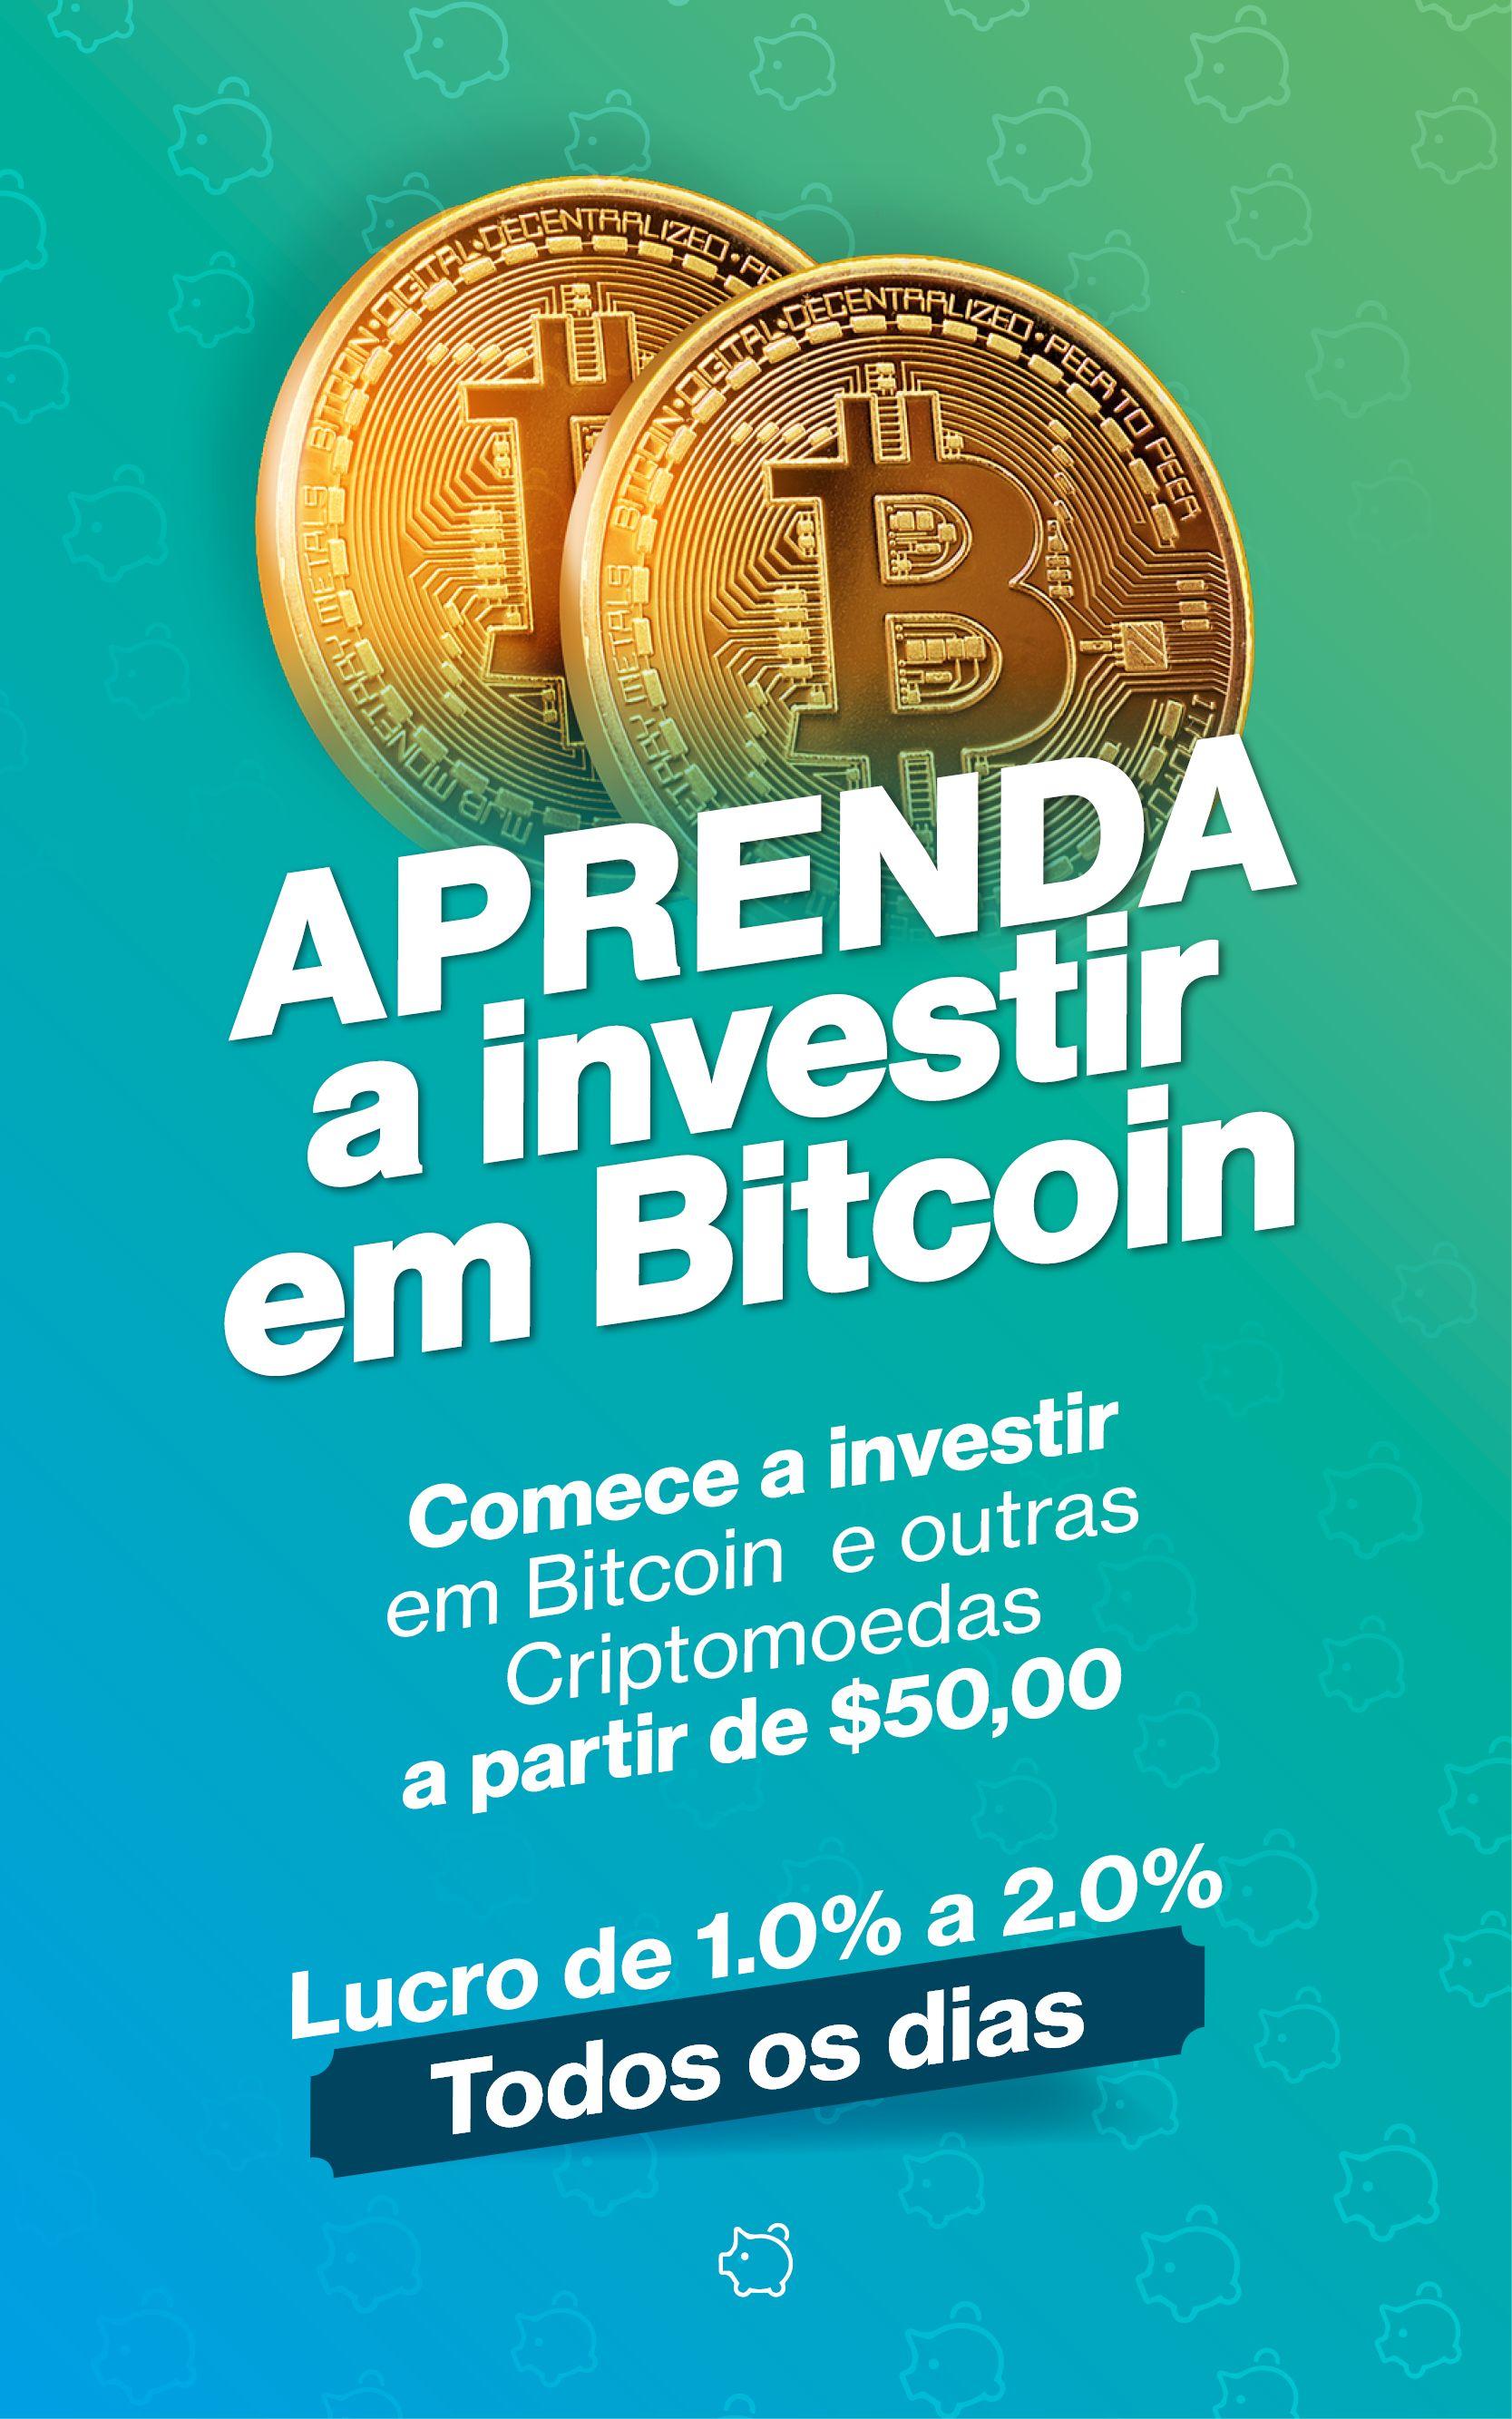 investir em etherium e não bitcoin investindo em prós e contras de bitcoins rui costa investimento bitcoin